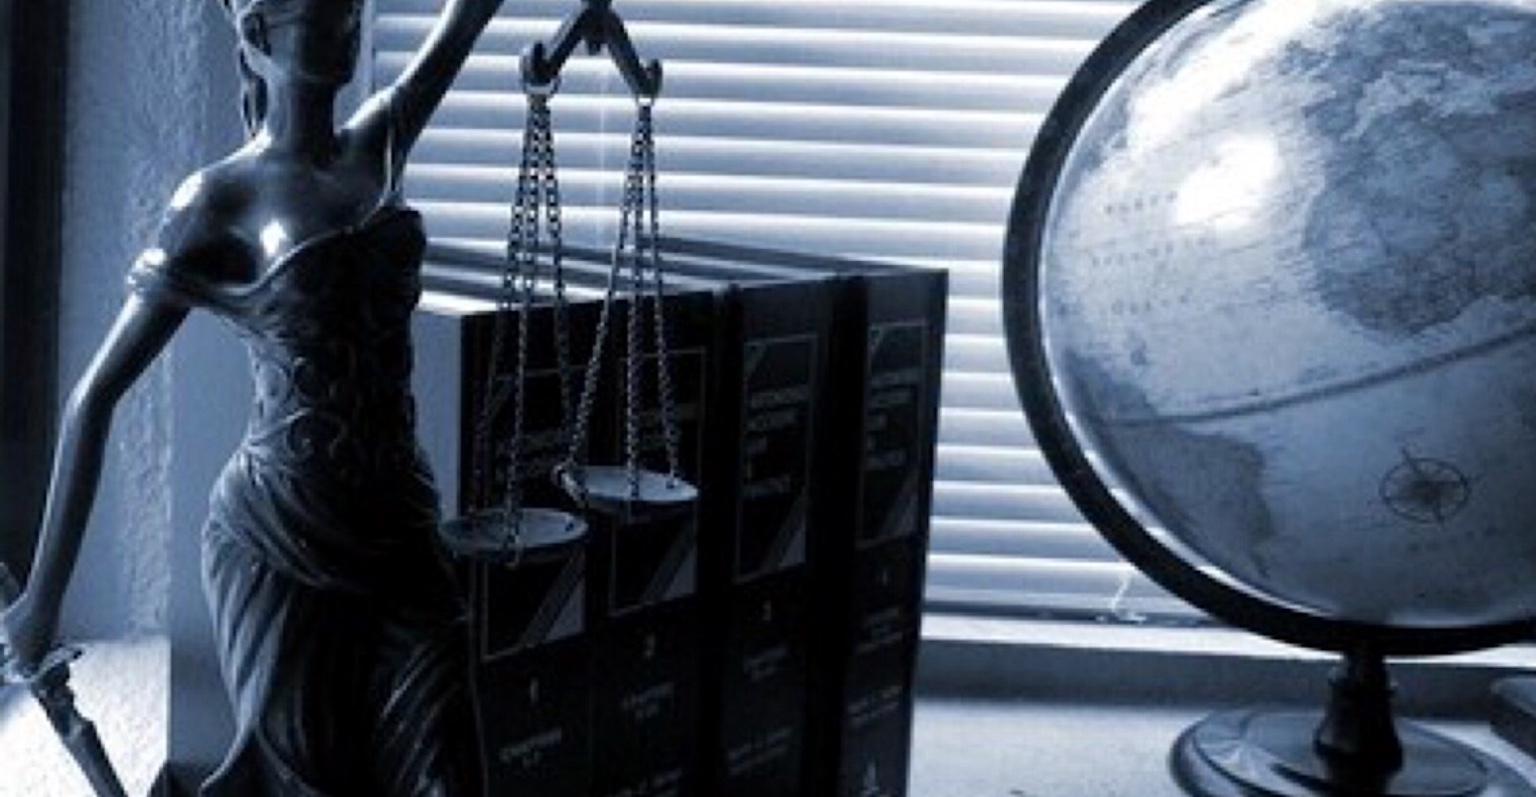 Líder religioso é condenado a 20 anos de prisão por estupro de adolescente no Recanto das Emas